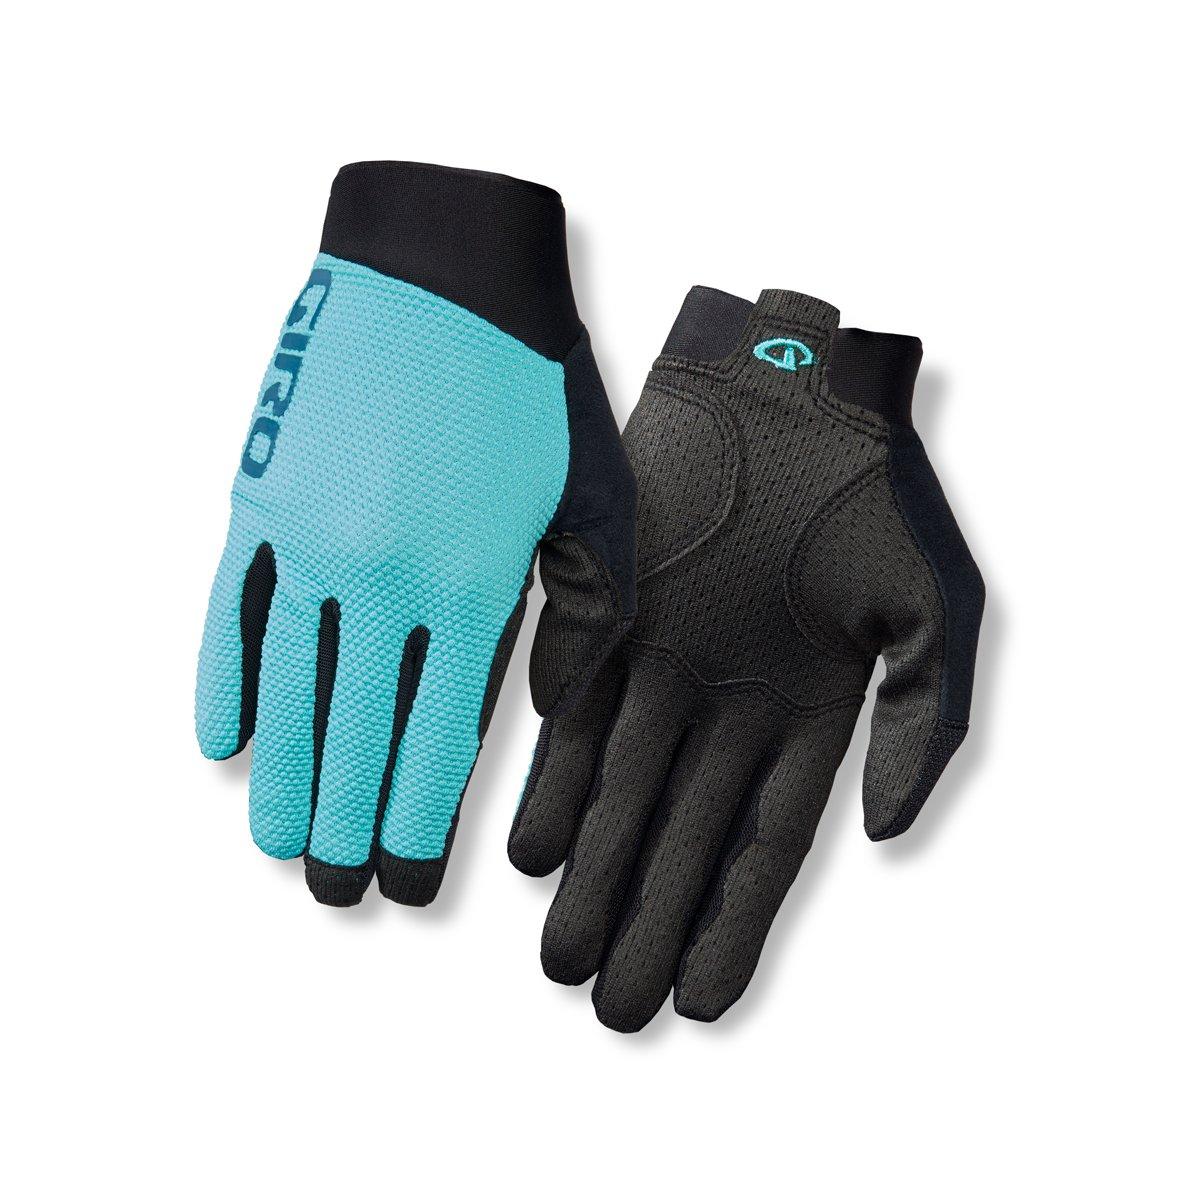 2f822f2a2b7437 Sport & Freizeit Handschuhe Giro Rivette Damen Fahrrad Handschuhe kurz  türkis grün/schwarz 2017